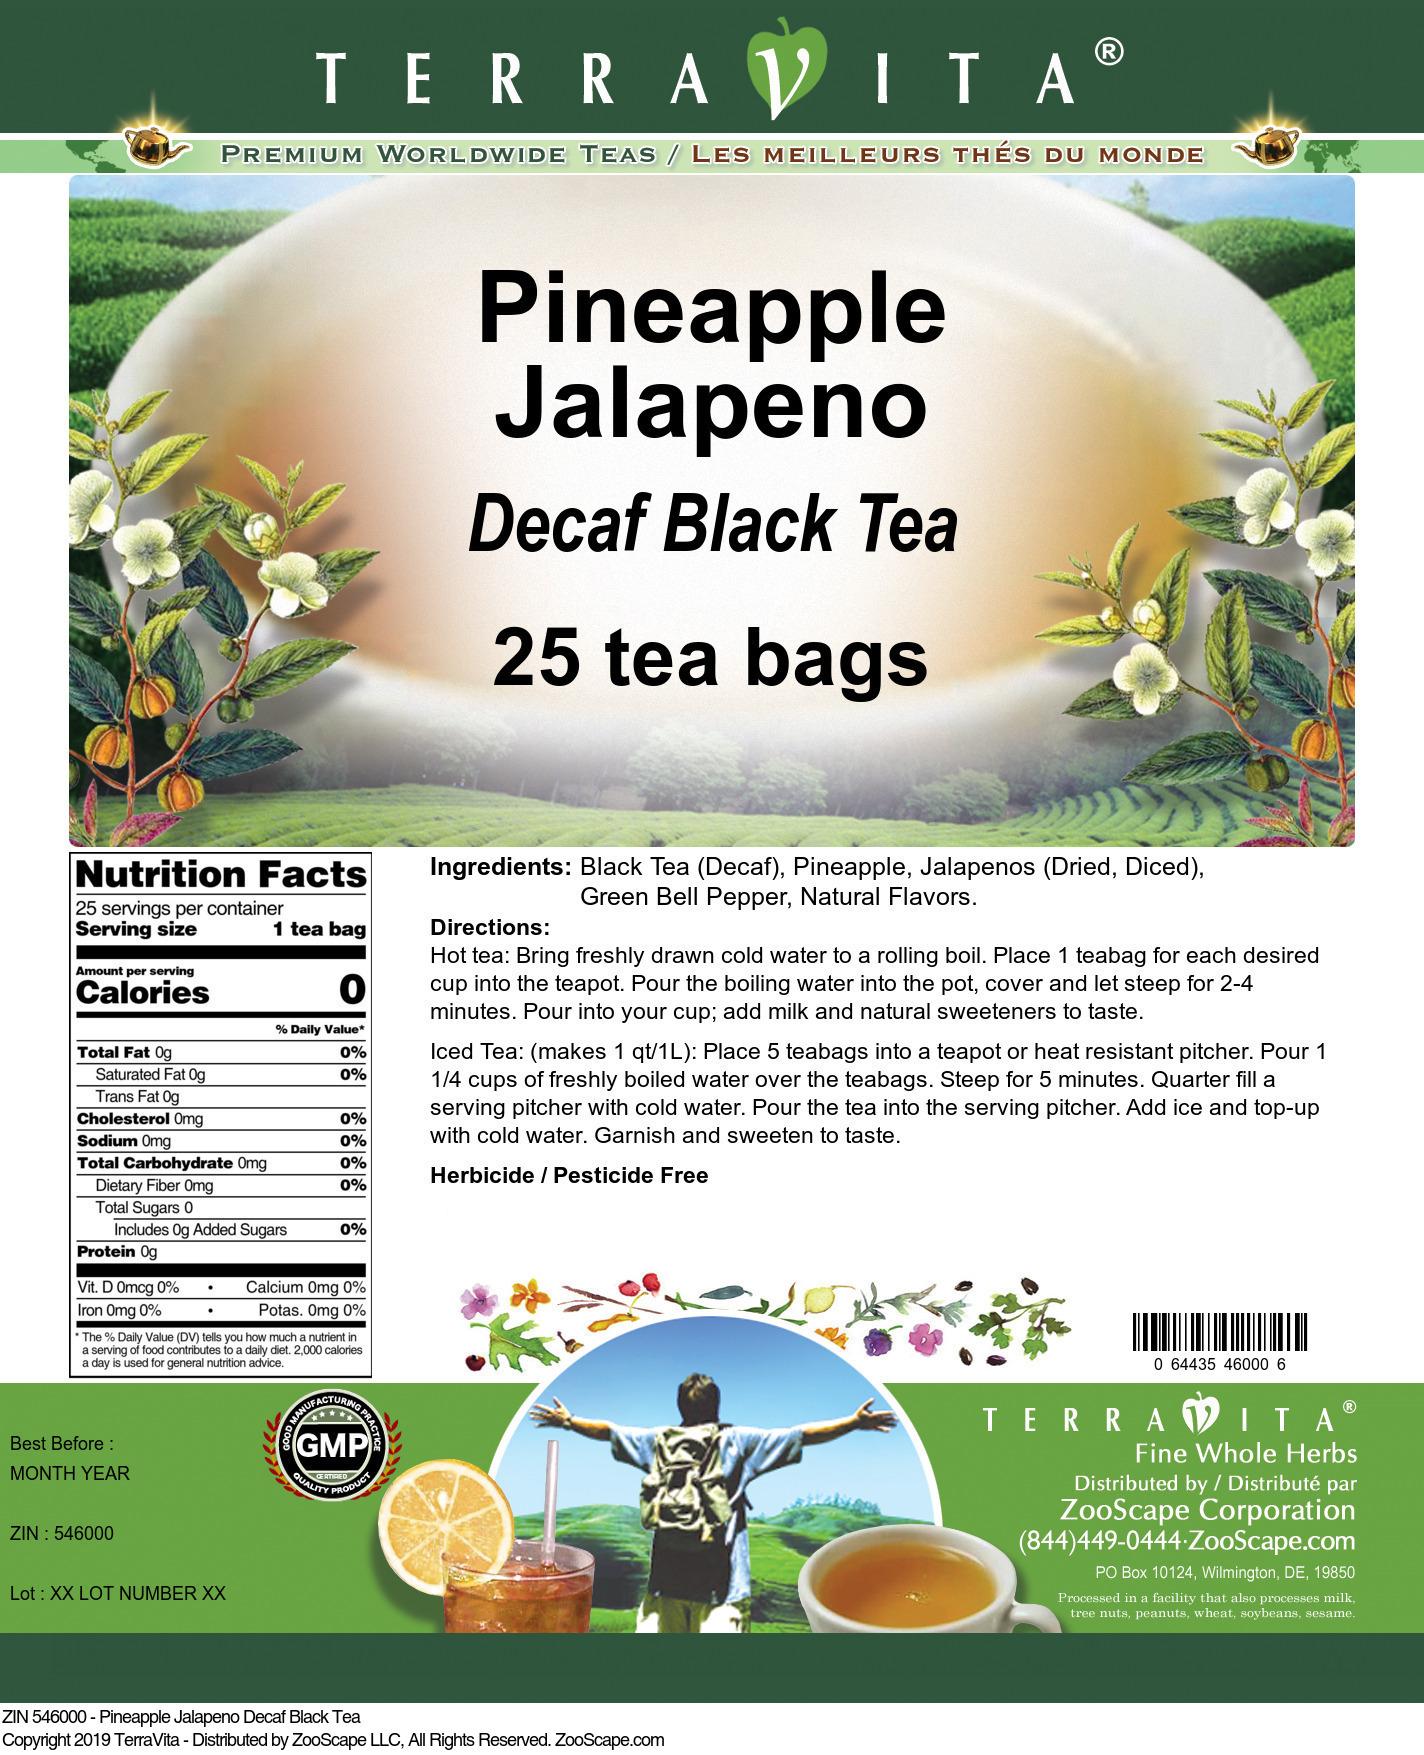 Pineapple Jalapeno Decaf Black Tea